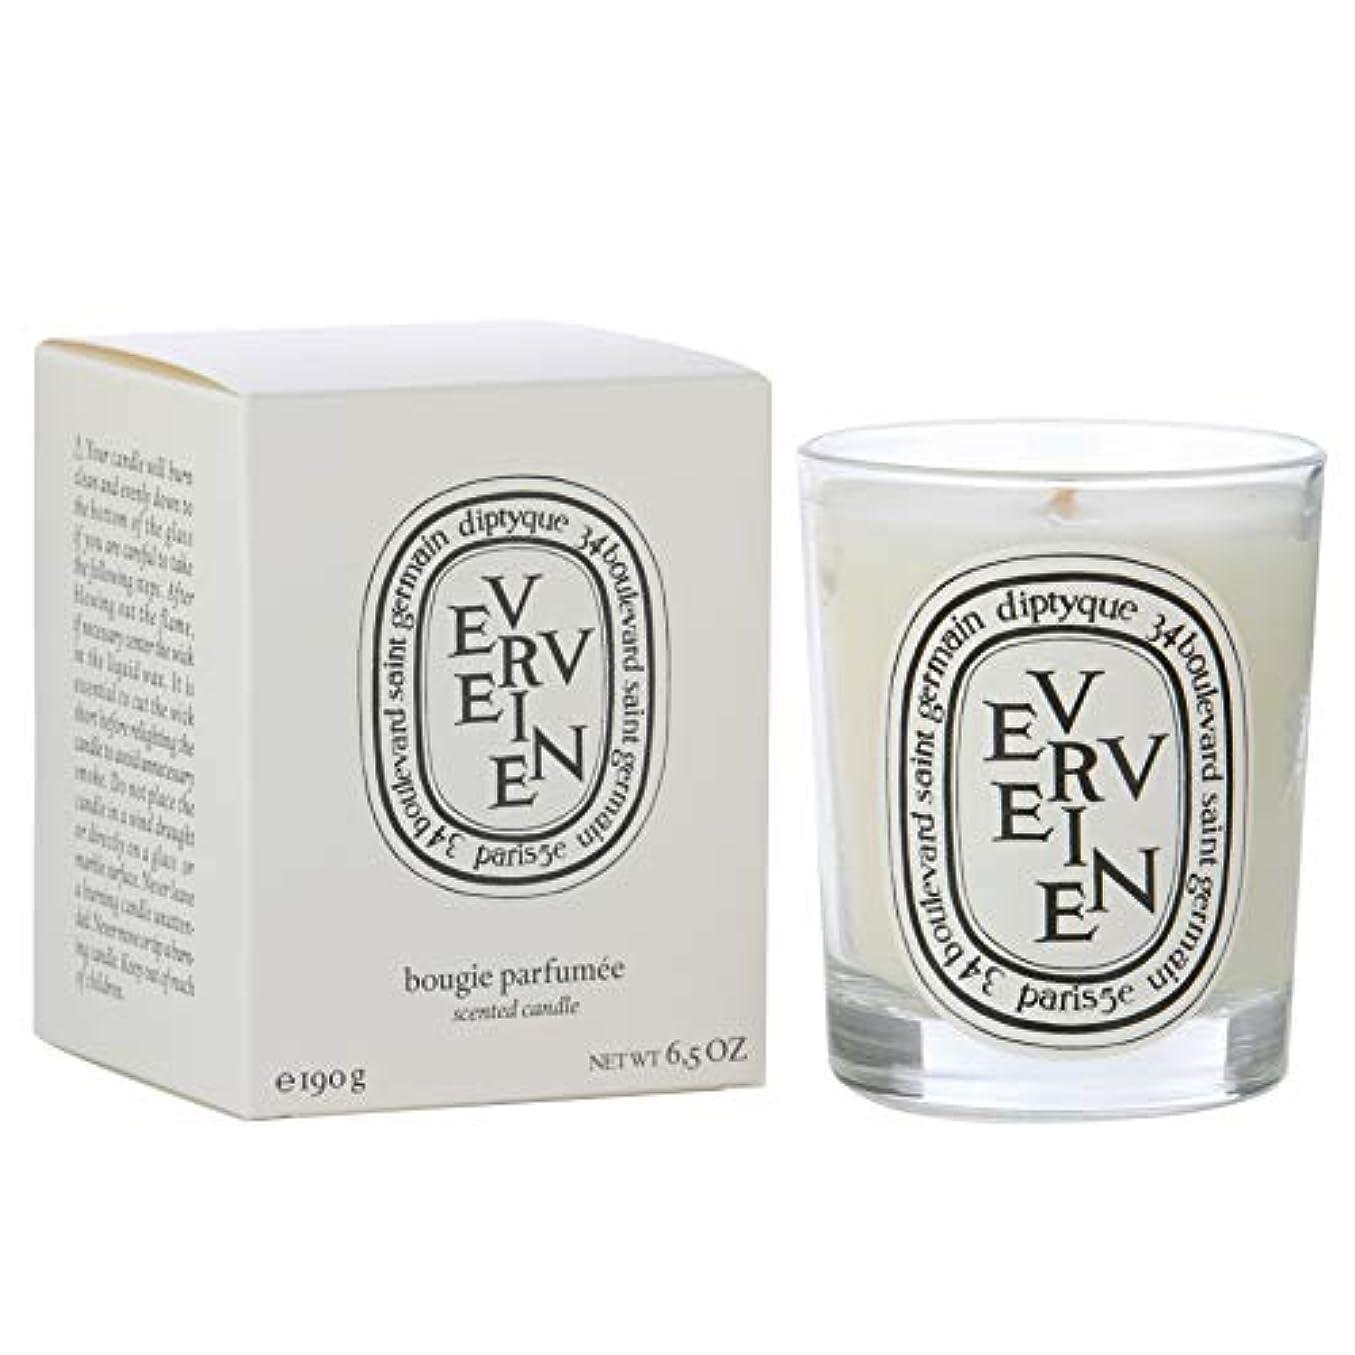 細部絶えずいとこ[Diptyque] Diptyque Verveine香りのキャンドル190グラム - Diptyque Verveine Scented Candle 190g [並行輸入品]